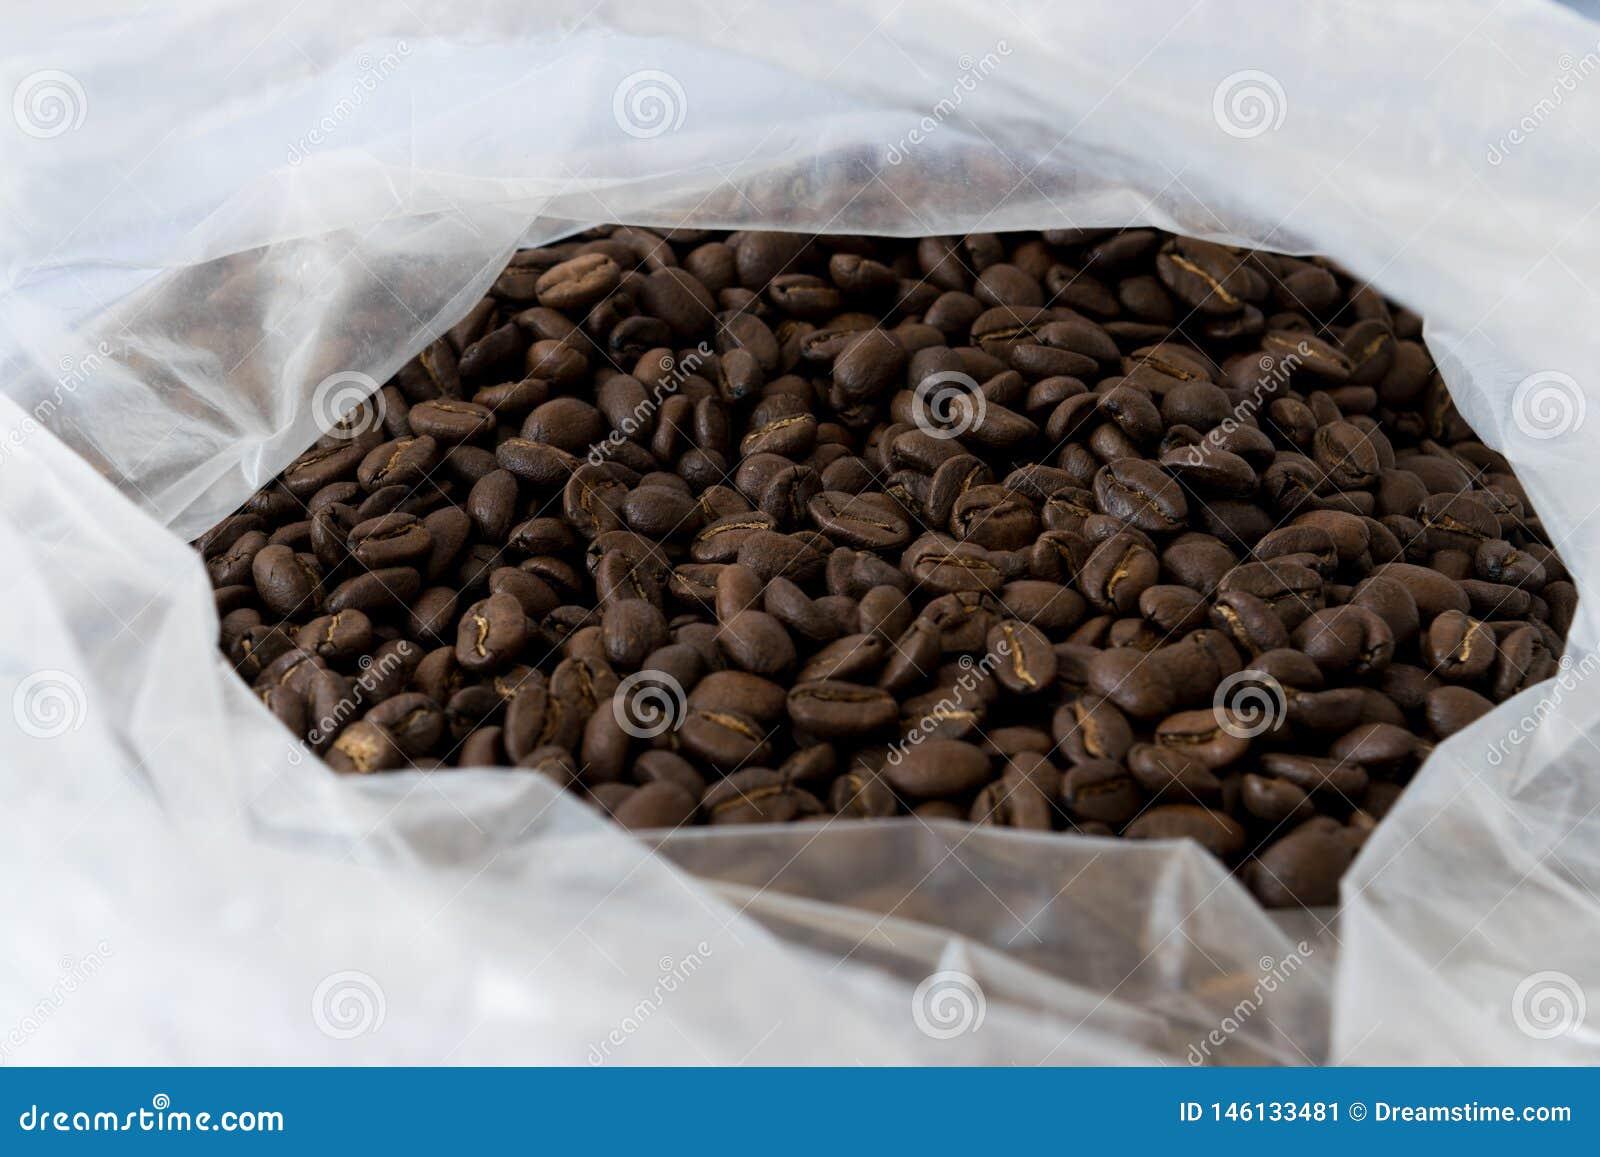 Stapel van koffiebonen in de zak